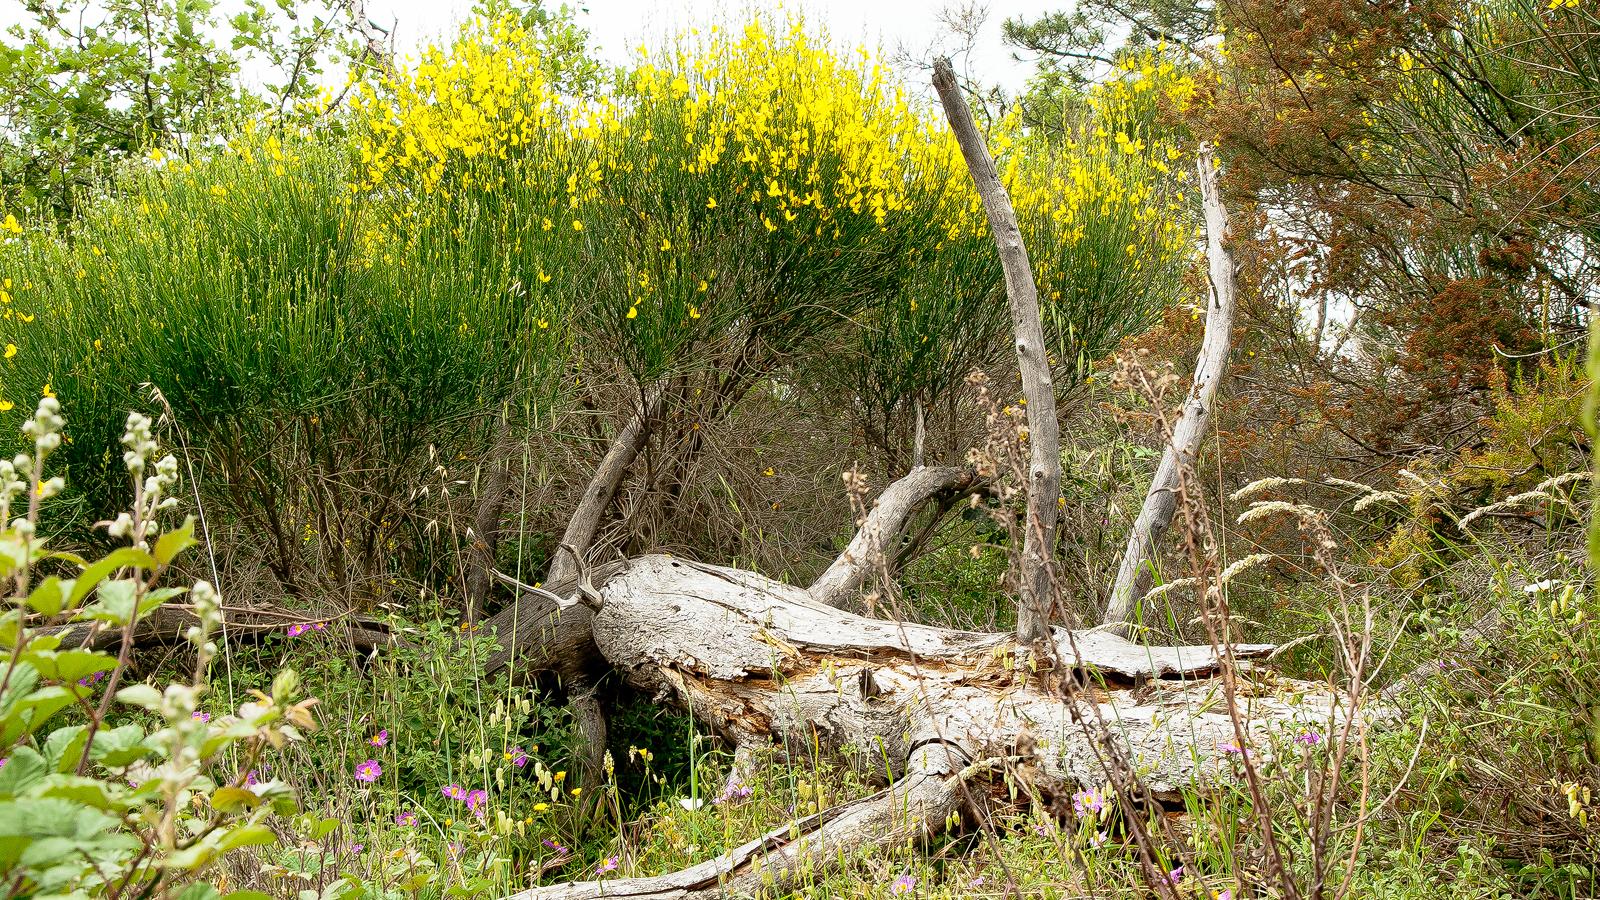 Natura alla riserva di caccia le corniole